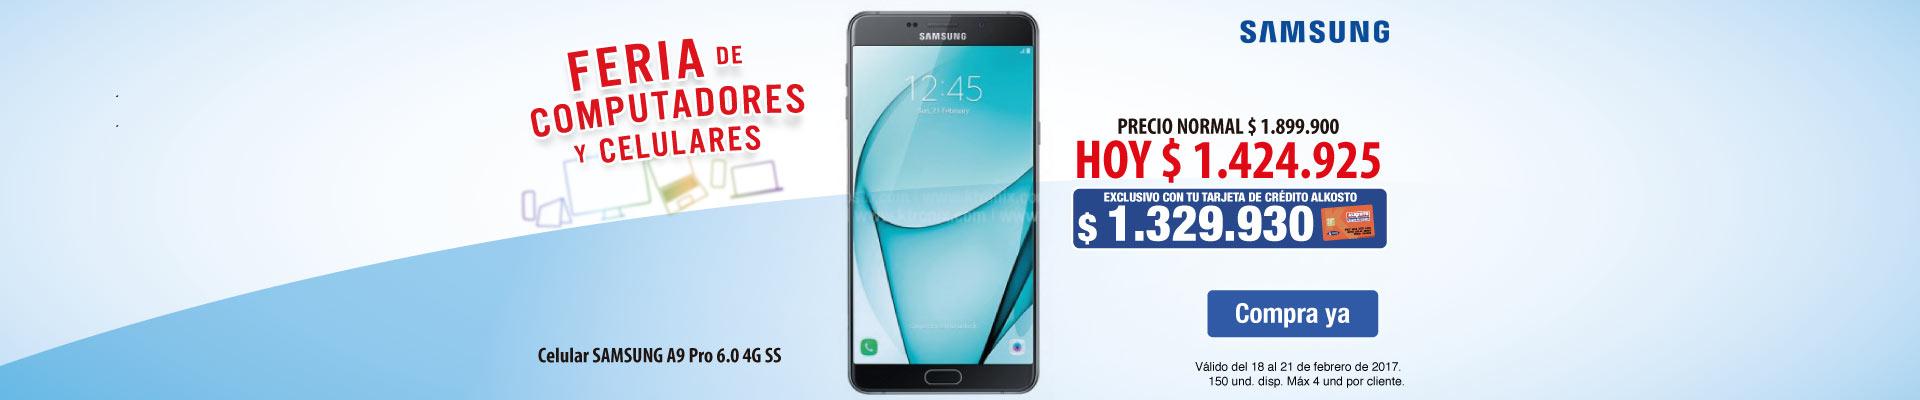 PPAL KT - 30% dto en Samsung A9 Pro Con Tarjeta de Crédito Alkosto - 18Feb